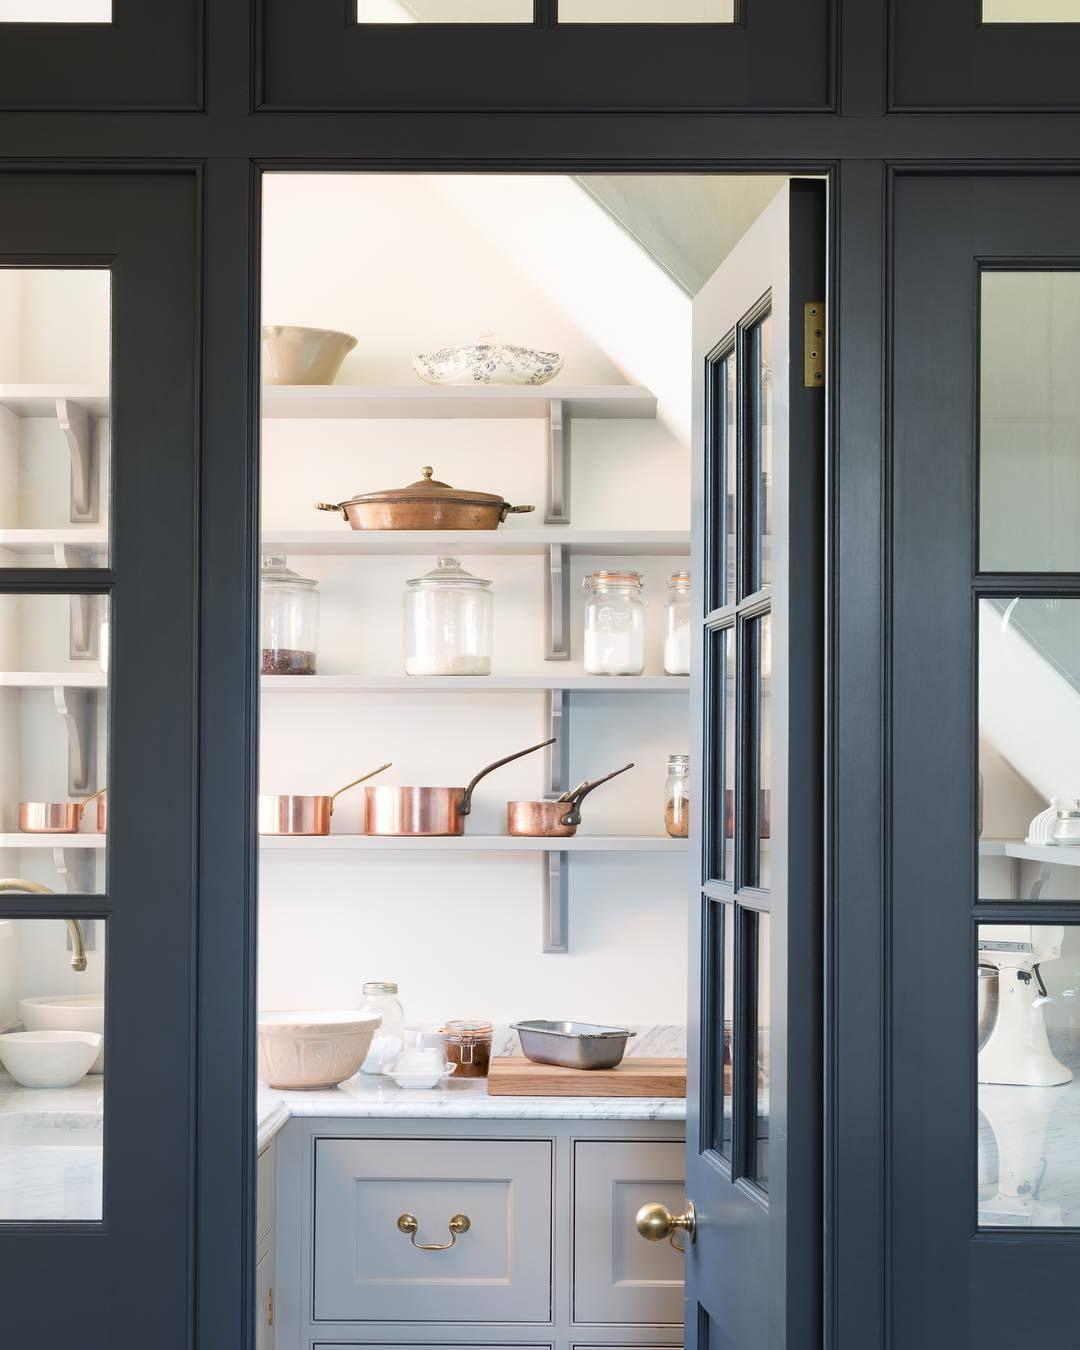 Kleines l küchendesign home interiors beautiful home artelegant  home organization